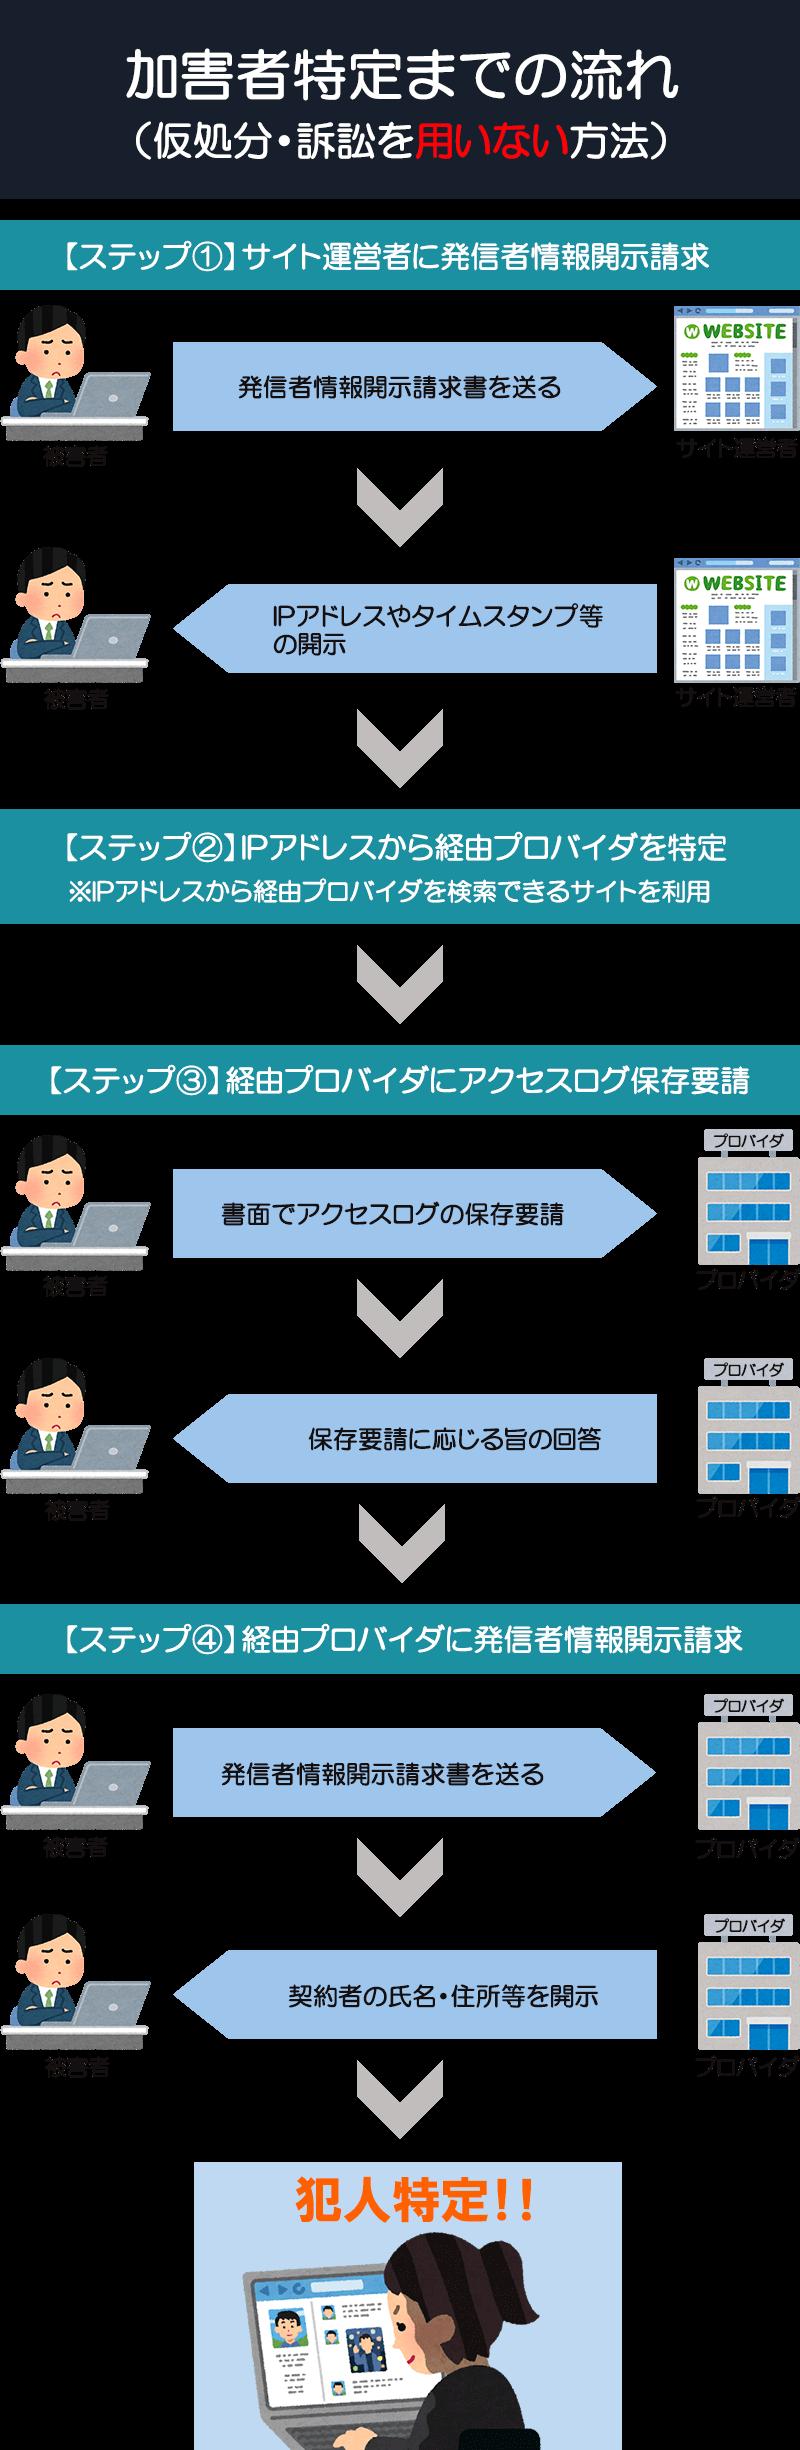 発信者情報開示請求書を用いた開示請求の流れ